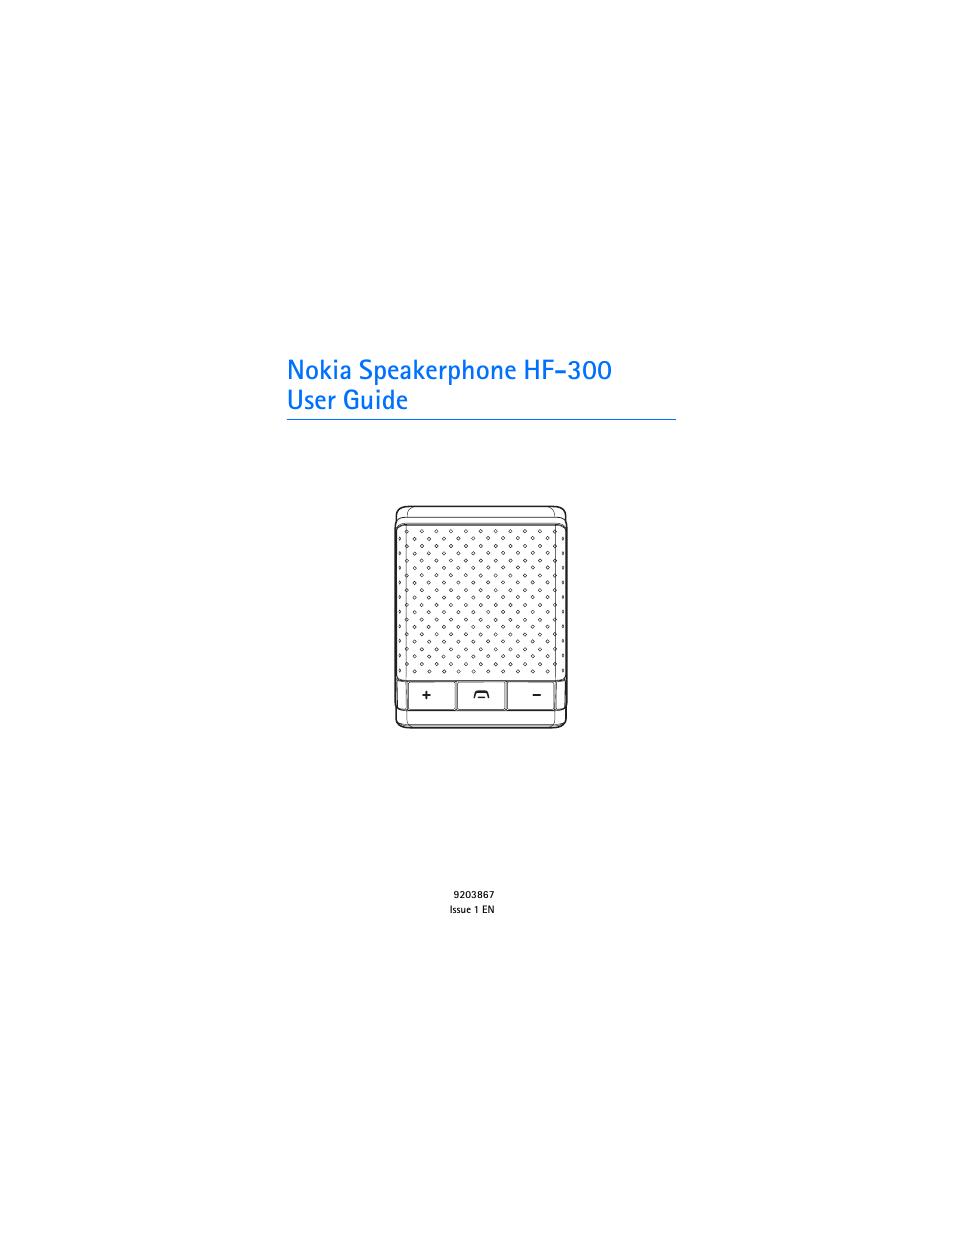 nokia hf 300 user manual 17 pages rh manualsdir com iPhone Manual Nokia AT&T Manual